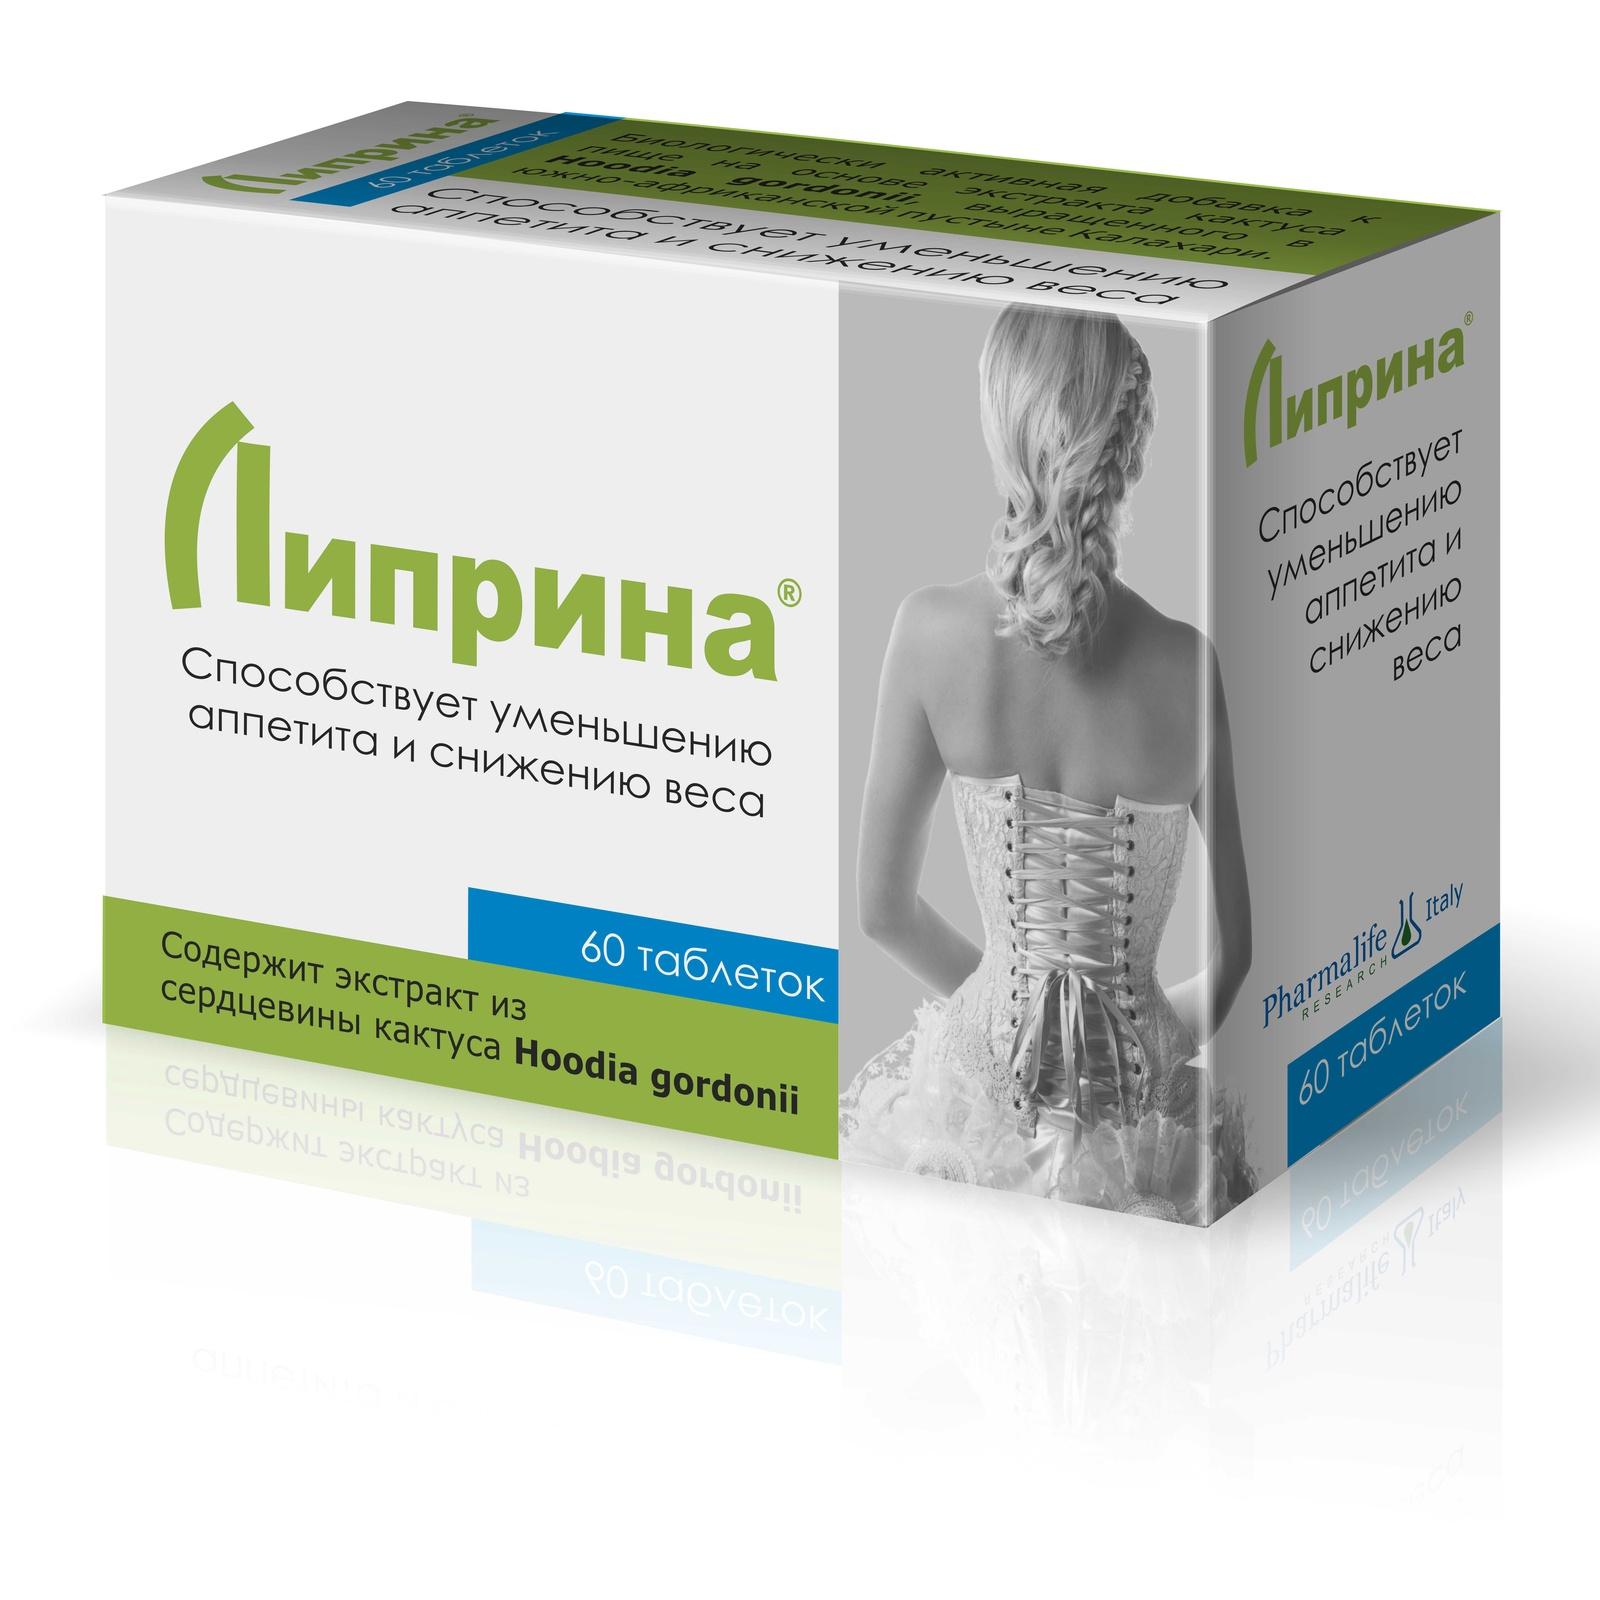 Комплекс лекарств для похудения